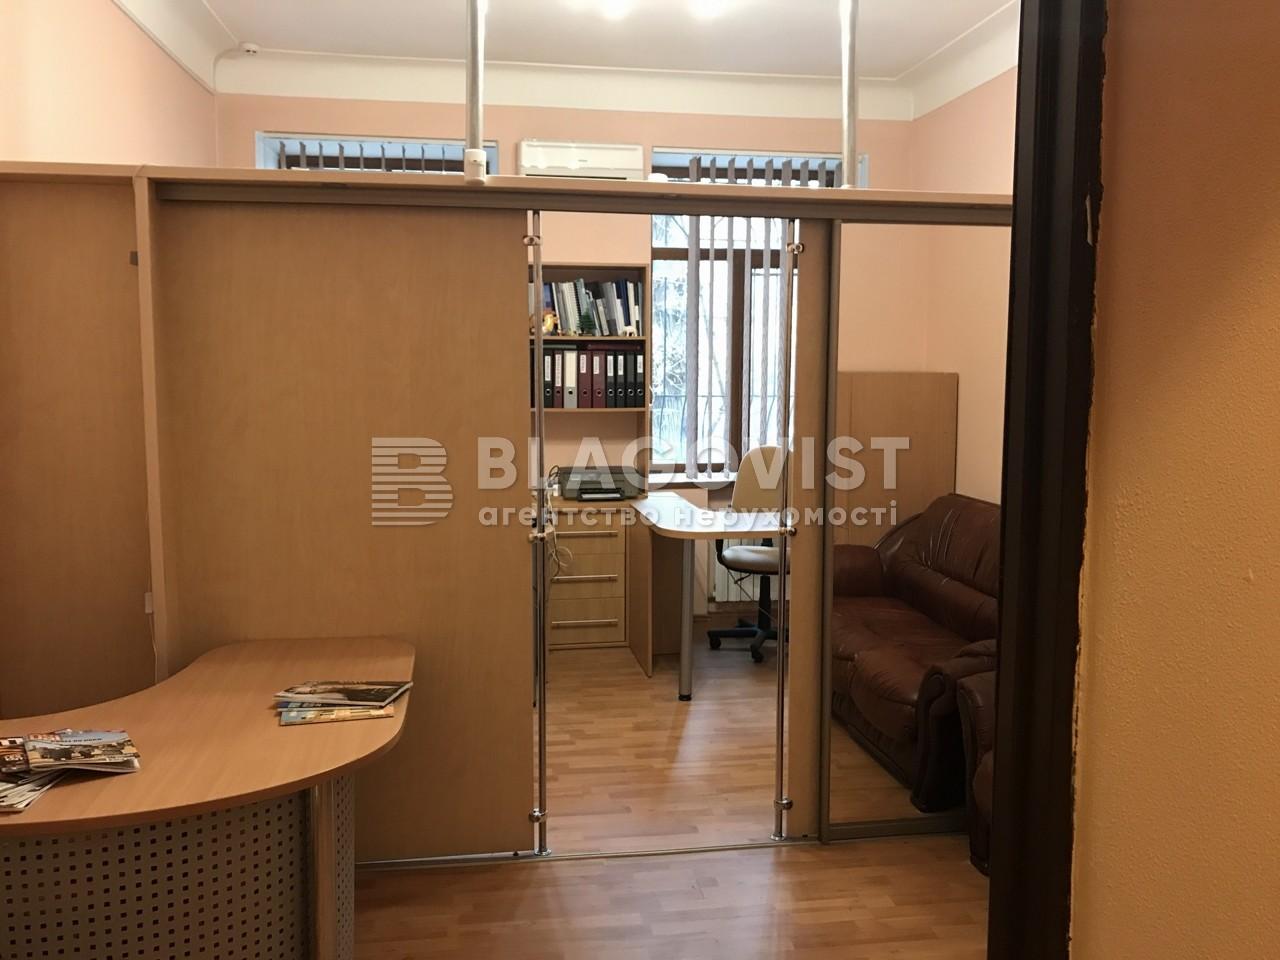 Квартира I-10735, Институтская, 24/7, Киев - Фото 1